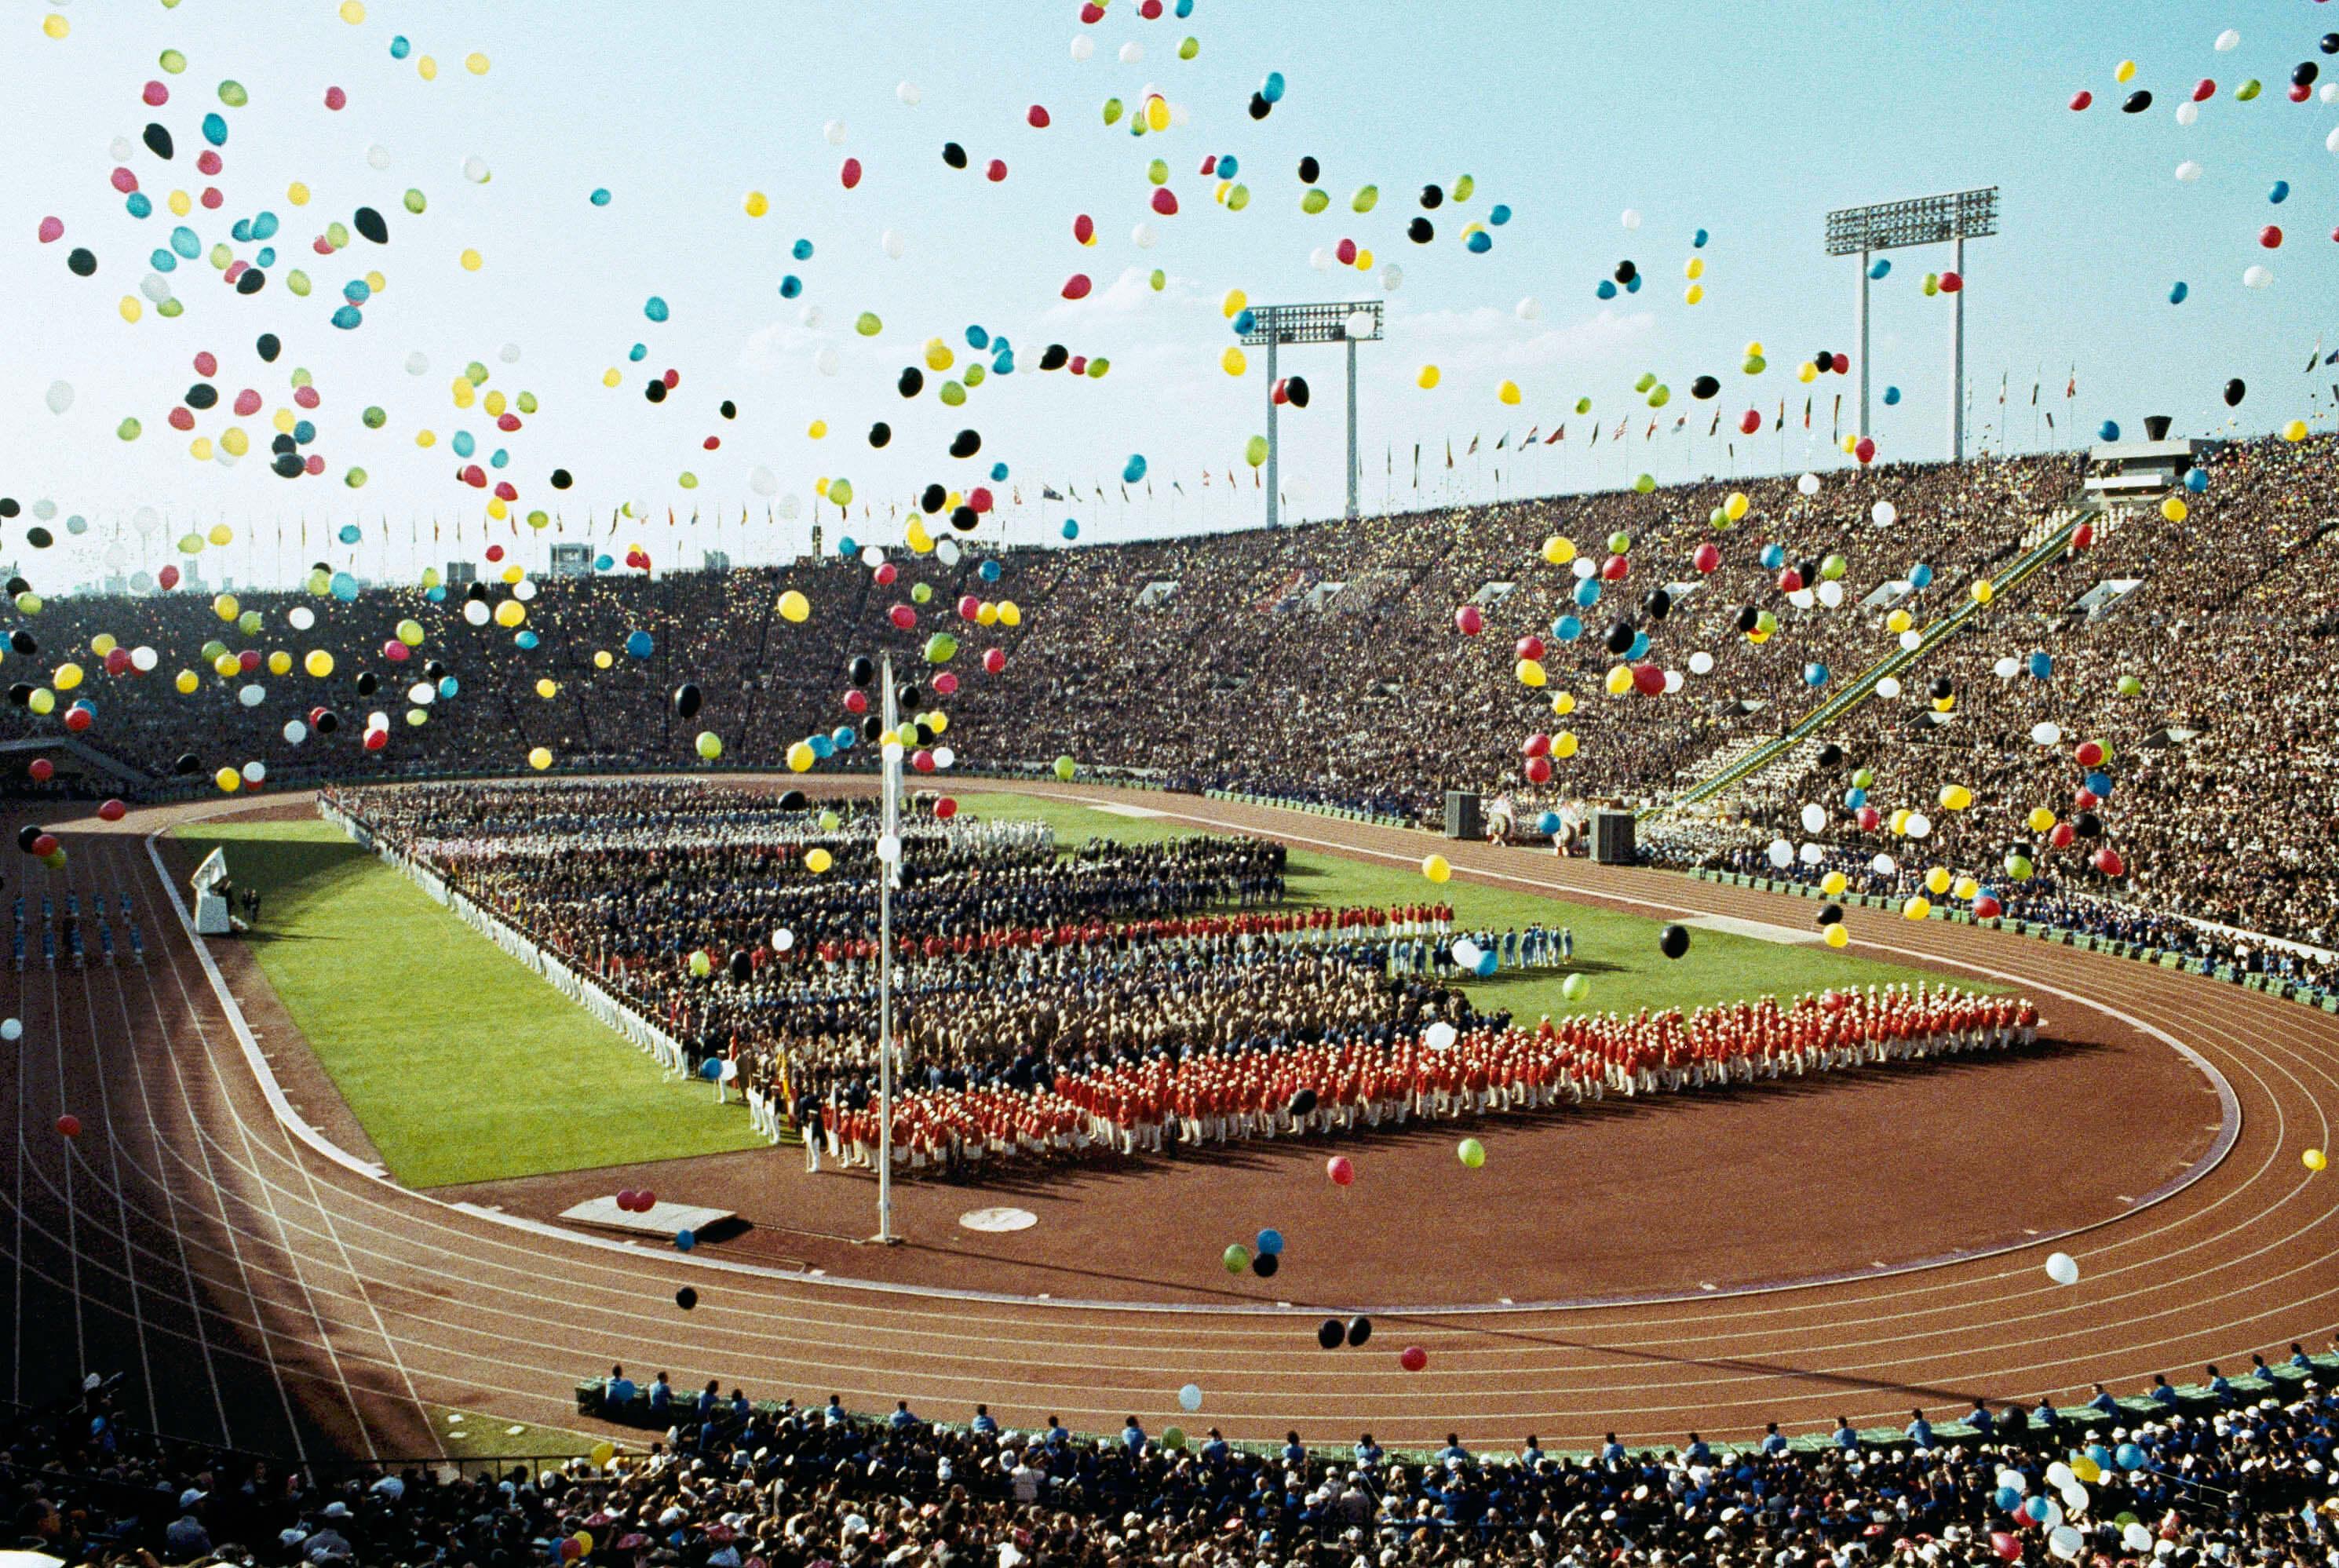 1964年夏季奧運會在東京國家體育場舉行的開幕式上,氣球飛過奧運選手和觀眾。(檔案照片/美聯社)